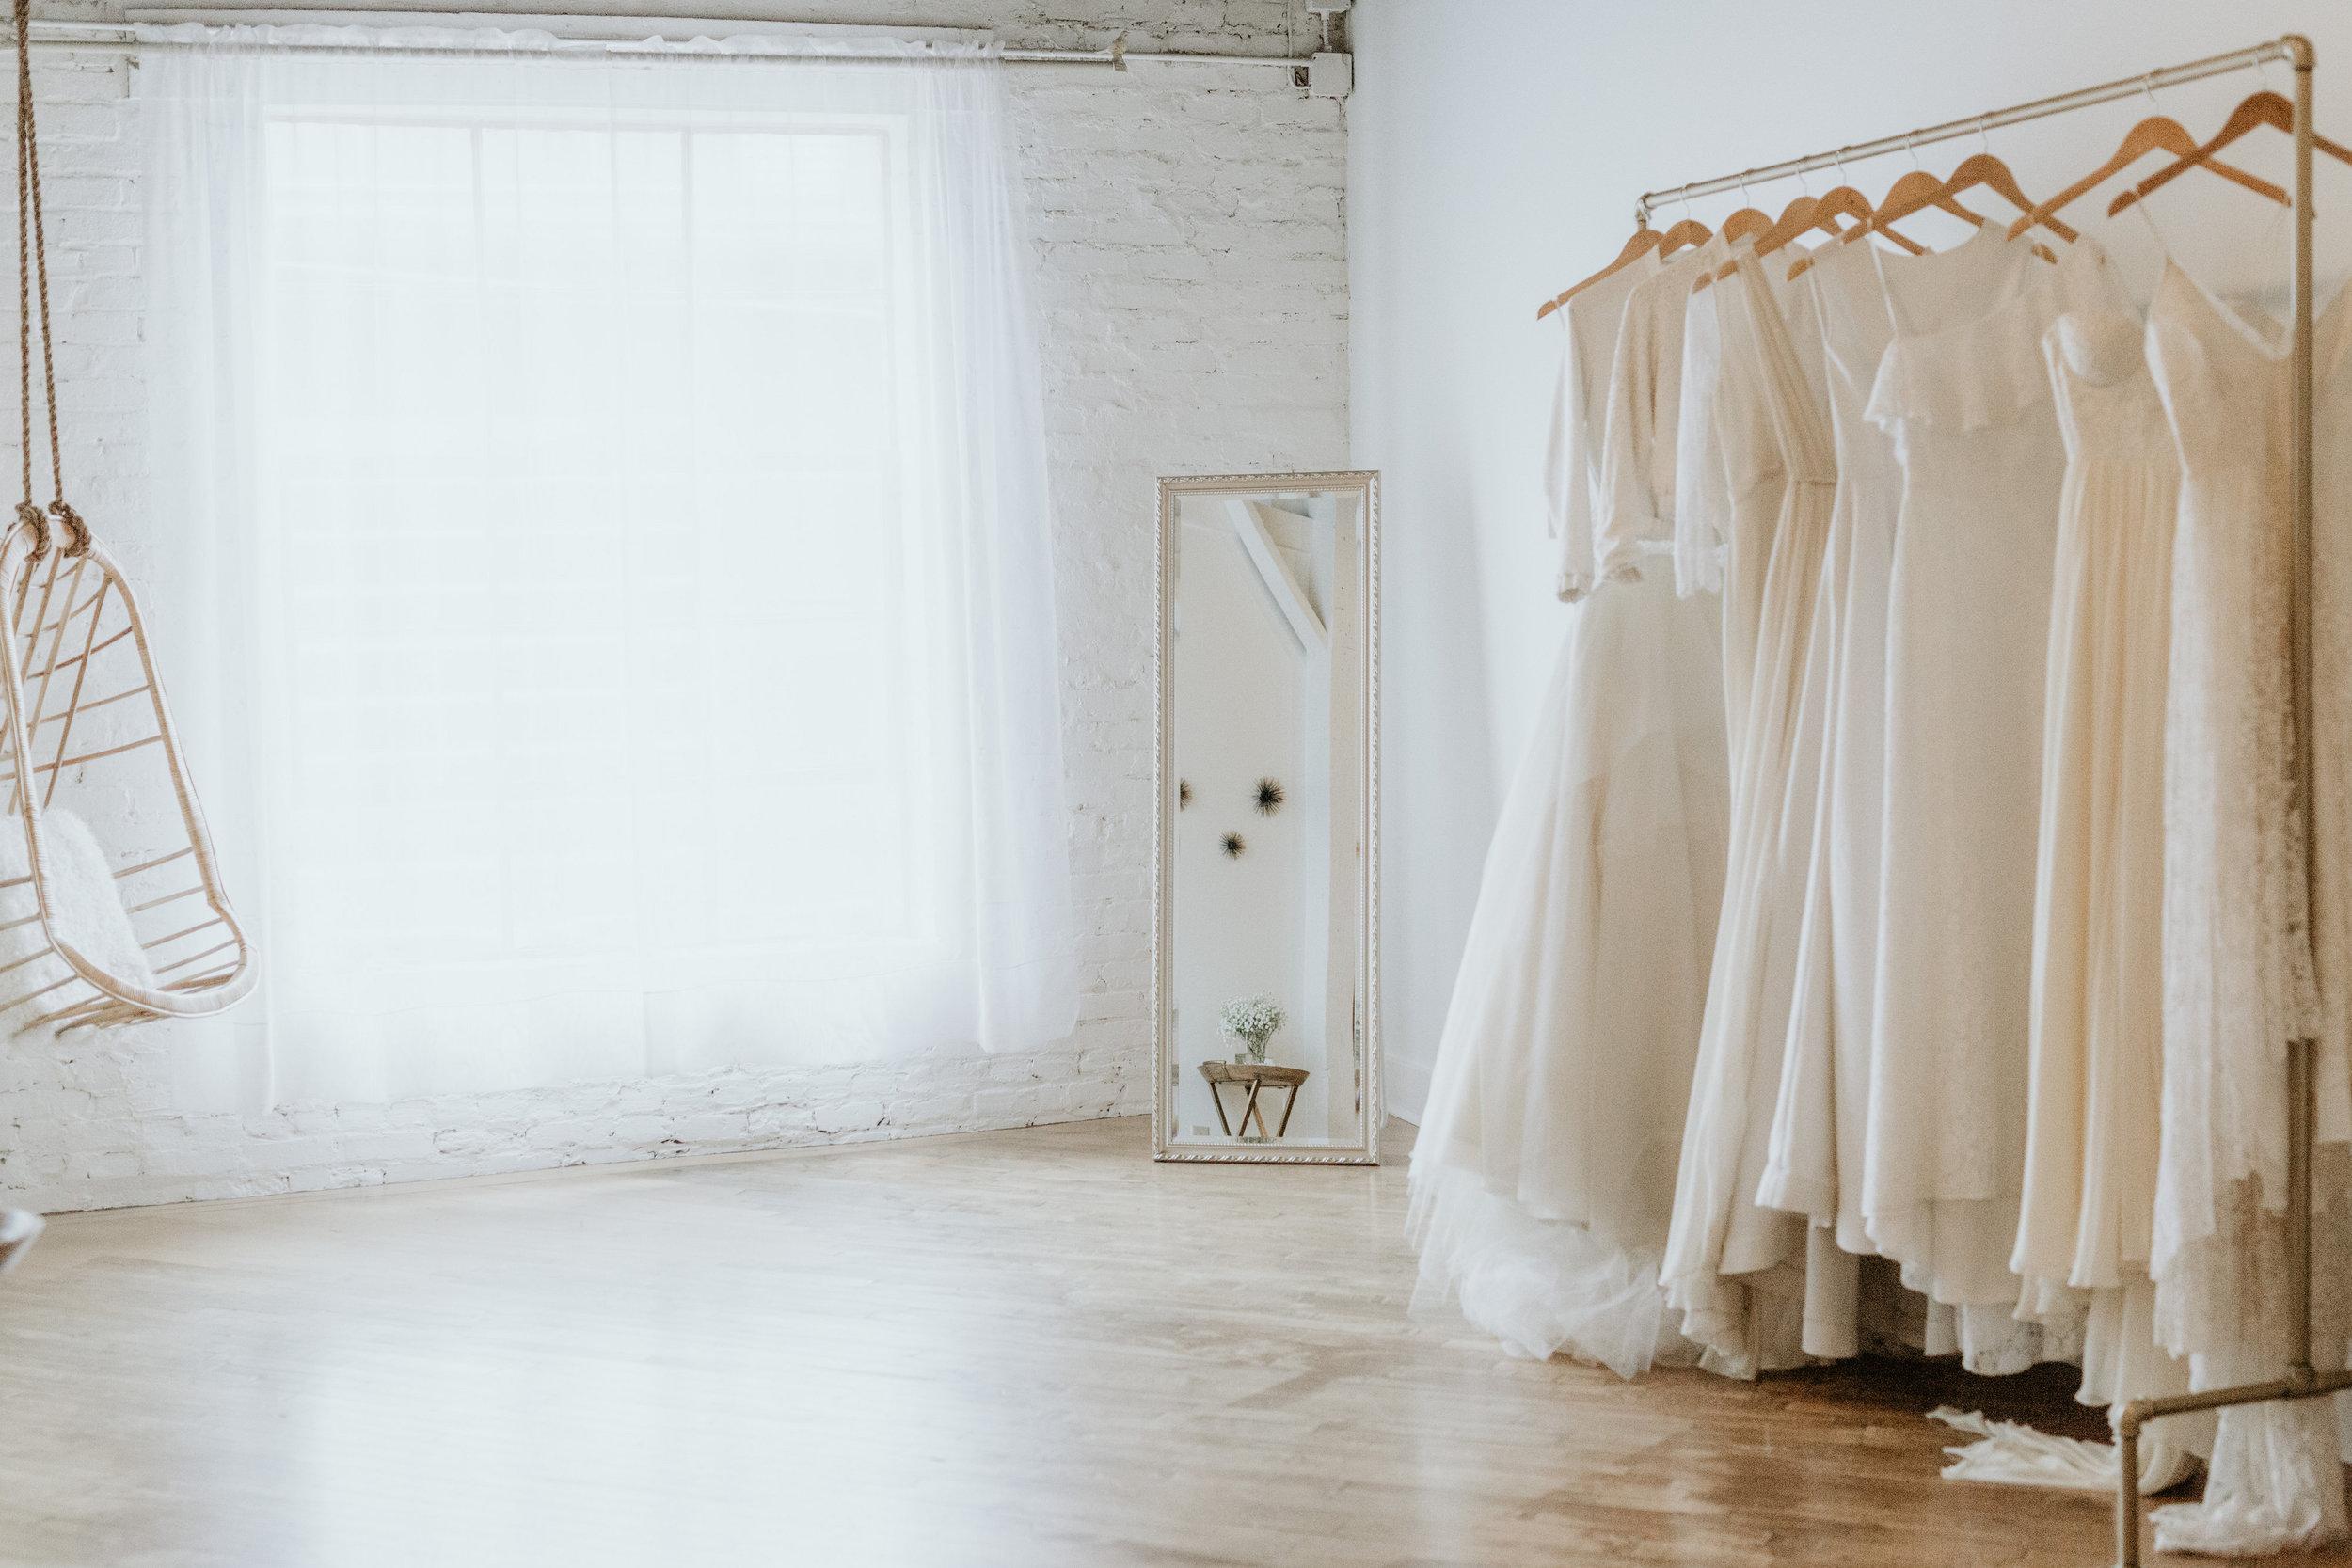 Ila Bridal. Bridal boutiques in Nashville. Nashville brides. Off the rack bridal Nashville.